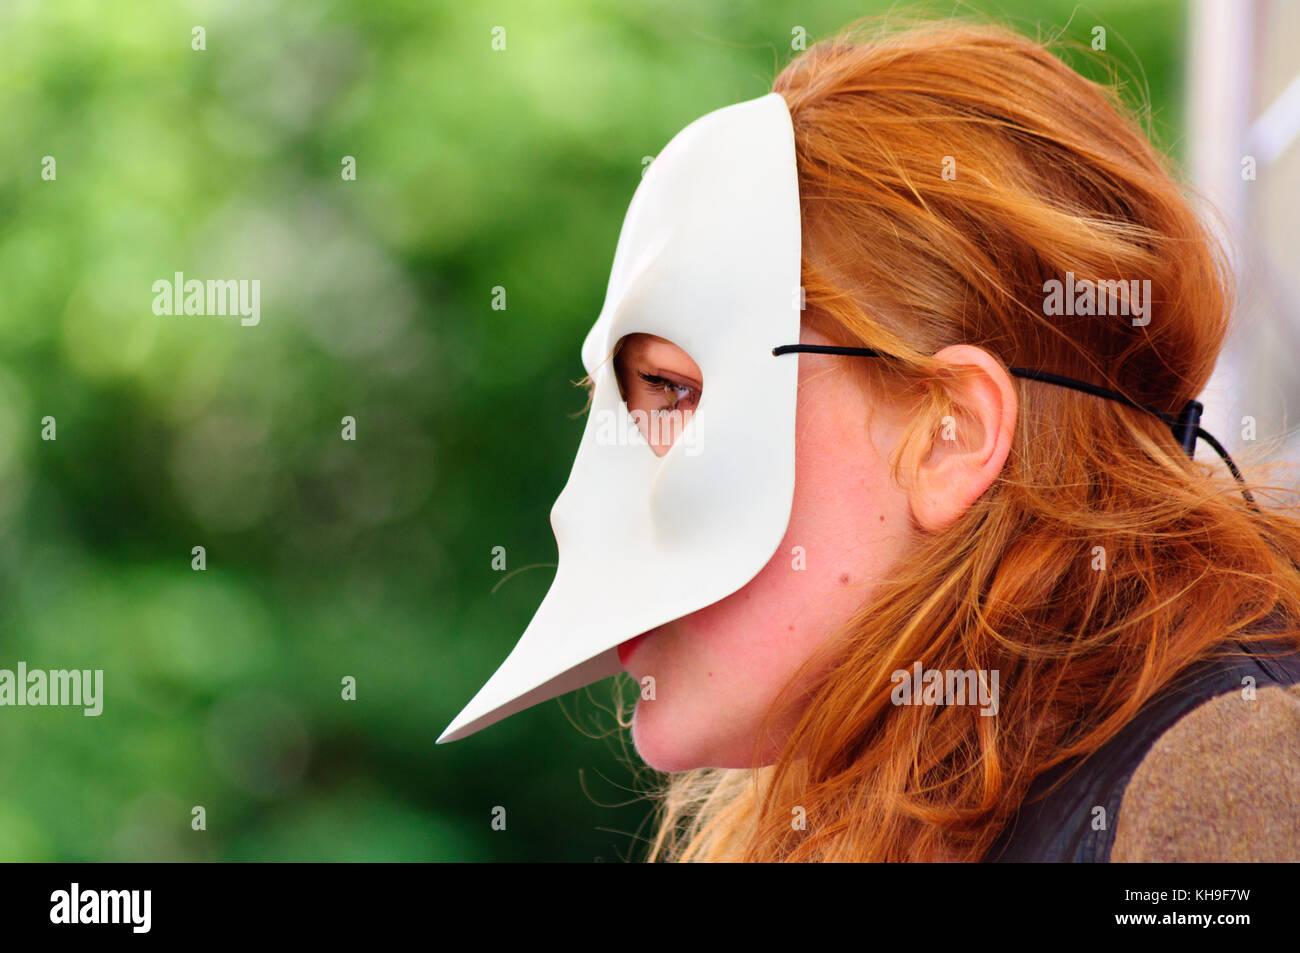 Nahaufnahme einer Performerin mit roten Haaren das Tragen einer Maske auf der Royal Mile während des Edinburgh International Fringe Festival Stockfoto